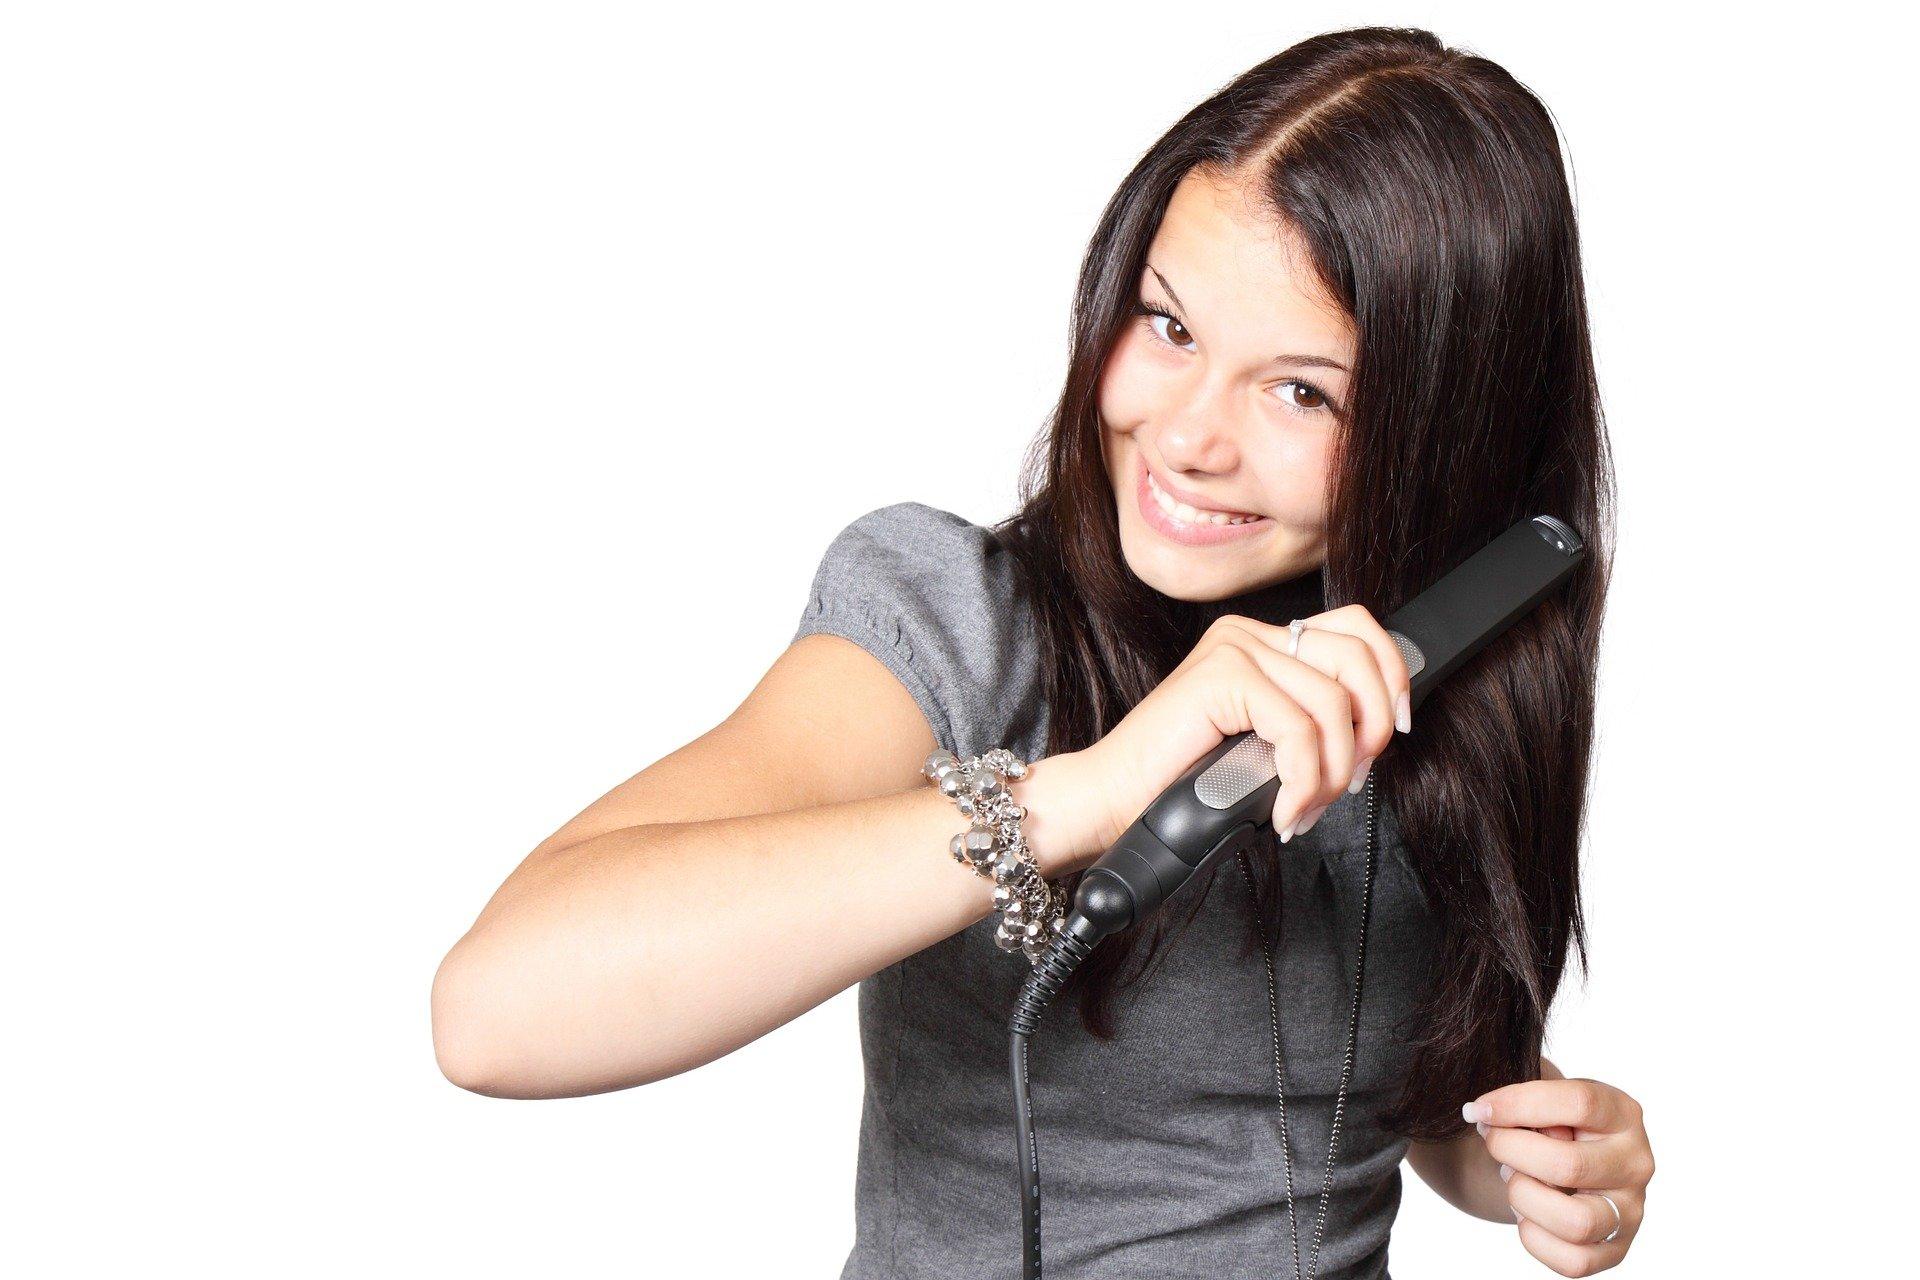 اضرار فرد الشعر المتكرر